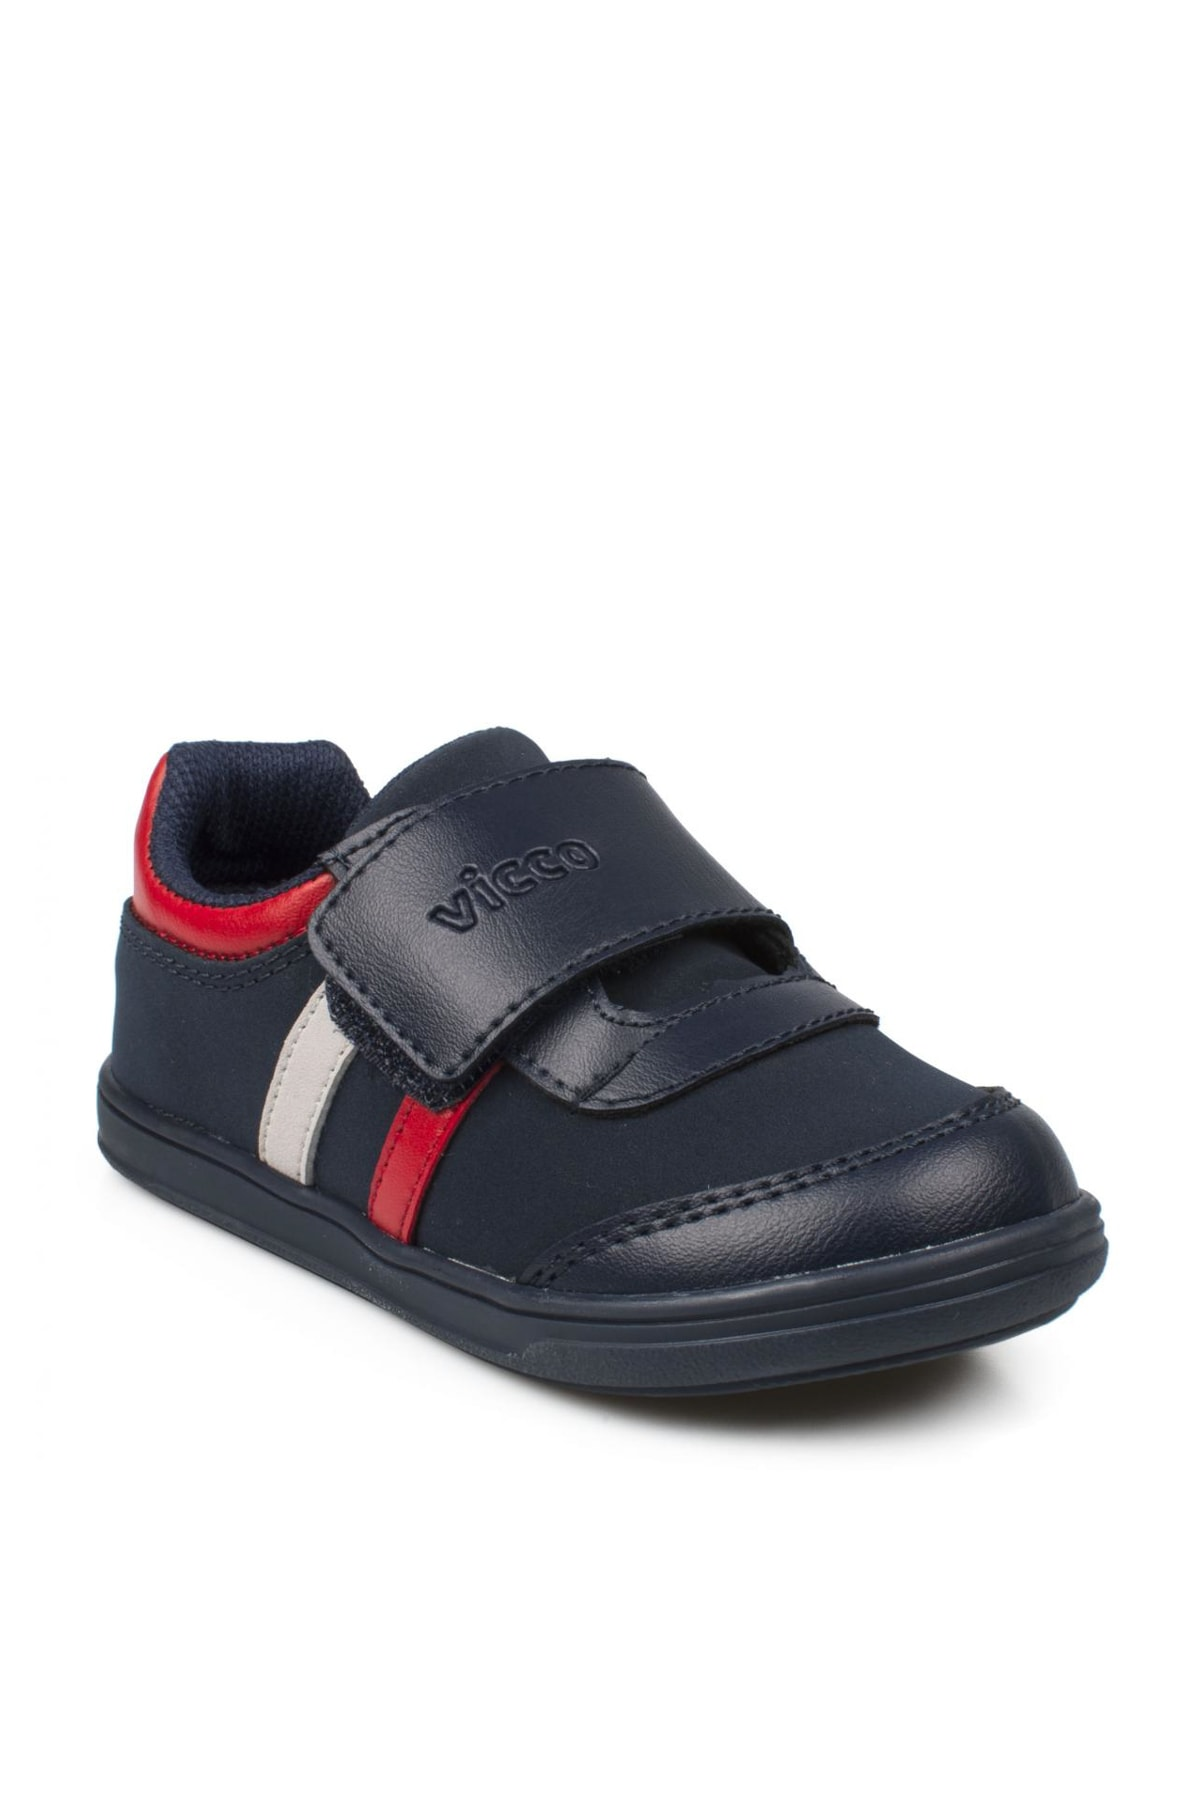 Vicco Lacivert Kırmızı Kız Bebek Yürüyüş Ayakkabısı 211 950.E19K223 1